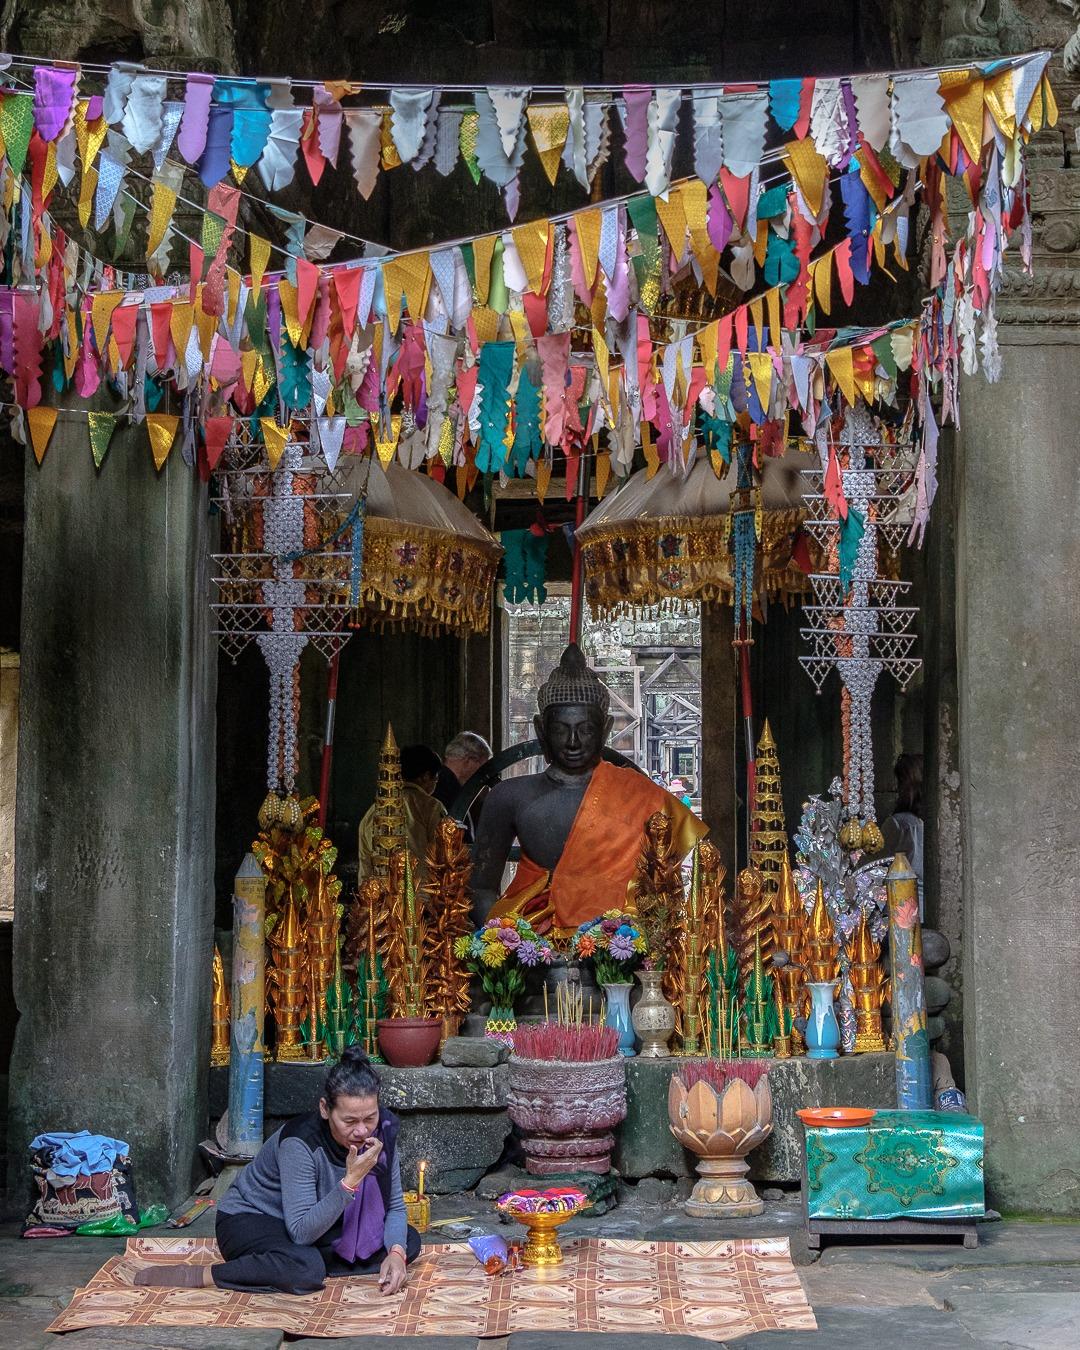 On trouve des petits autels pour prier et donner des offrandes dans plusieurs temples d'Angkor.